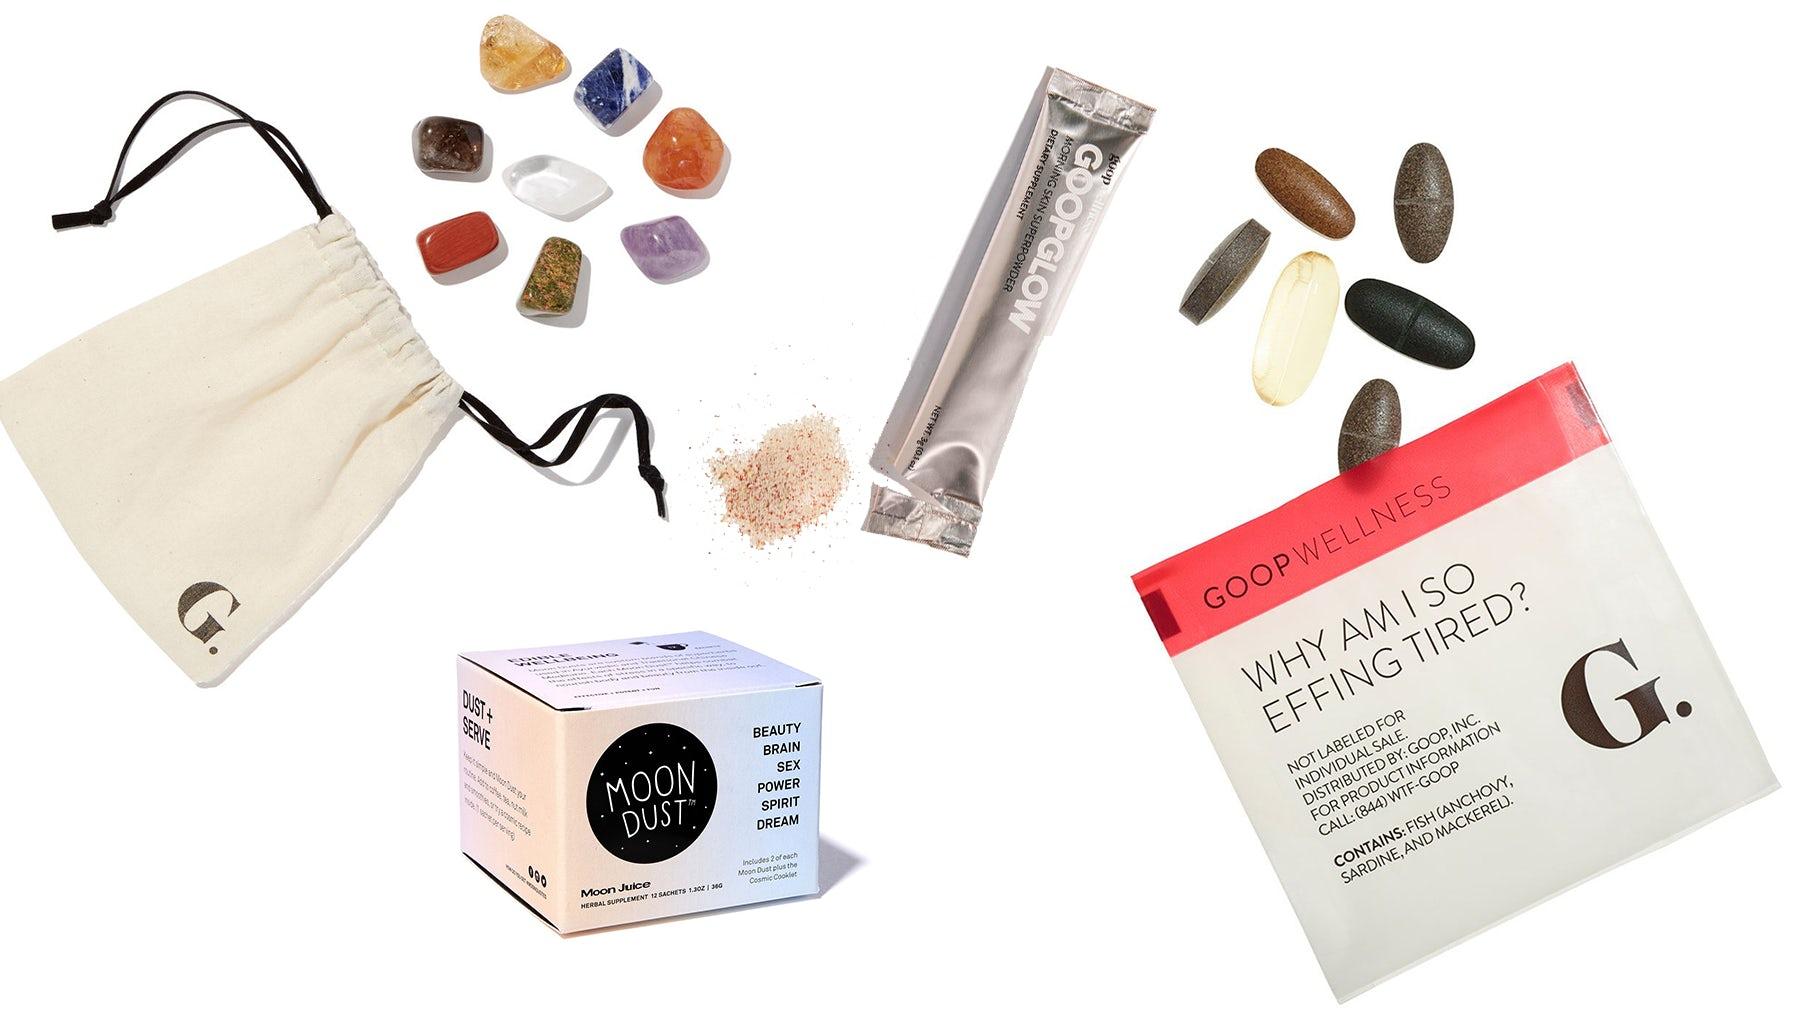 Assorted Goop products | Source: Goop.com